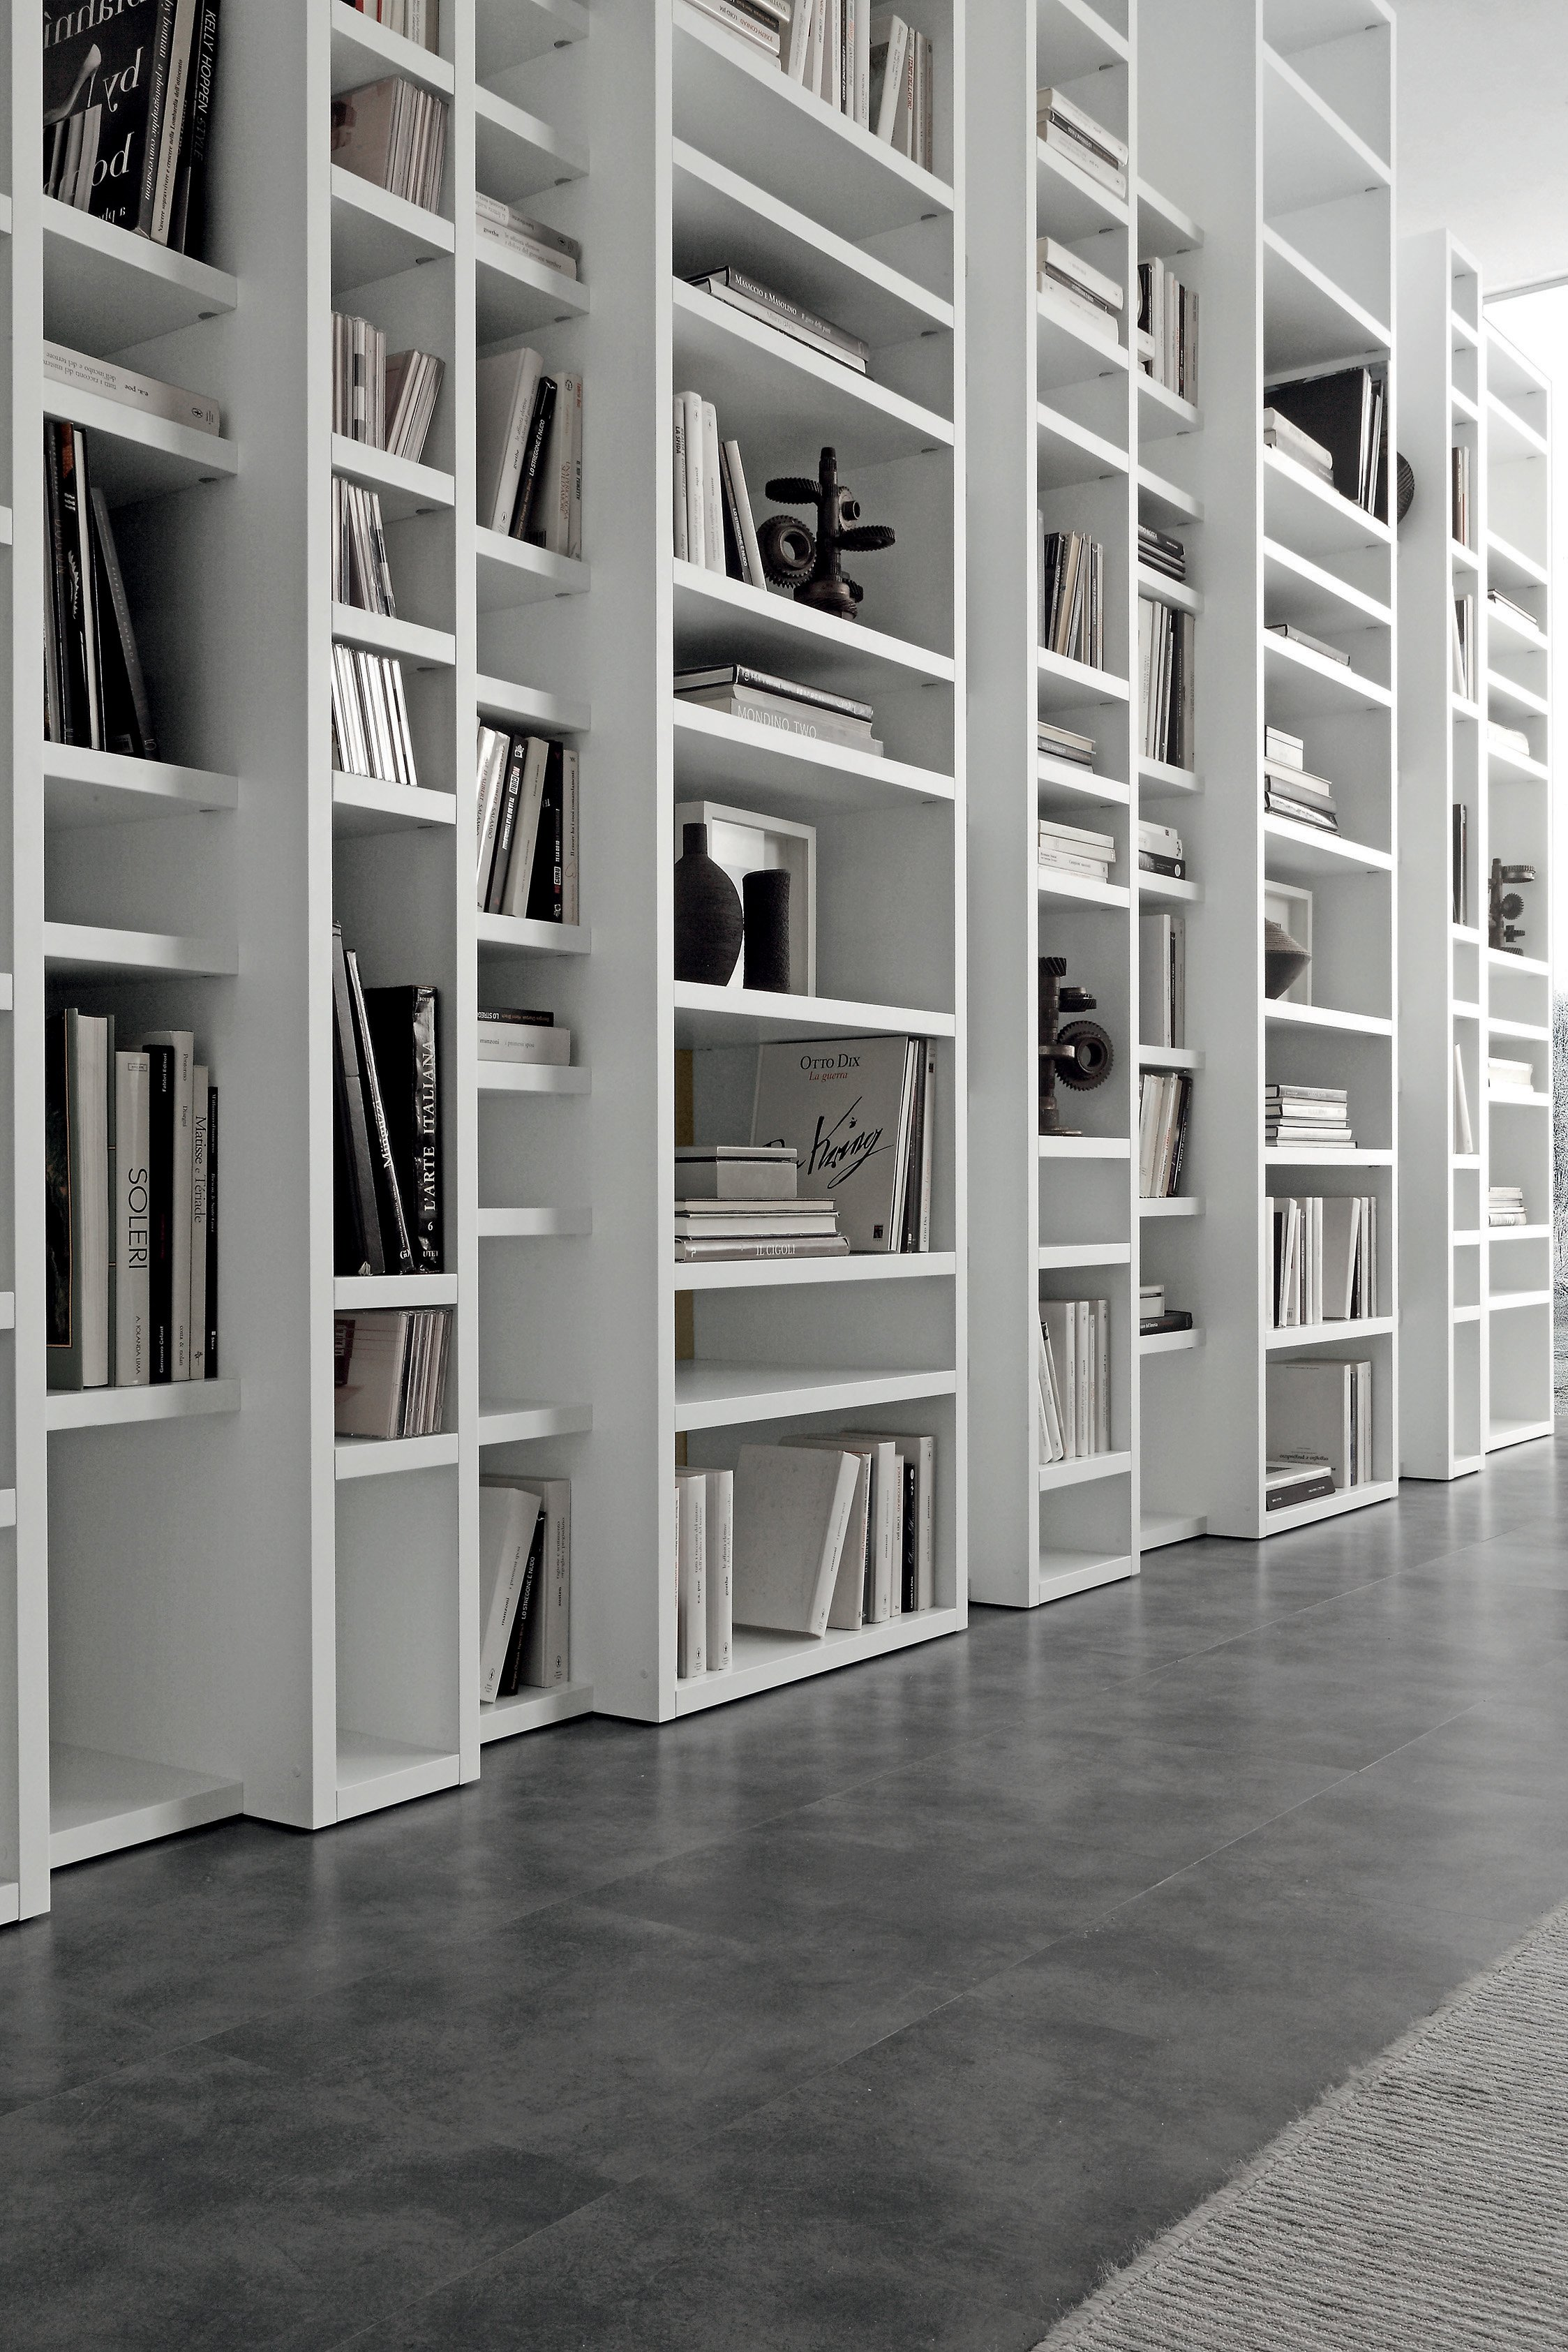 Libreria villadisesto for Librerie design outlet